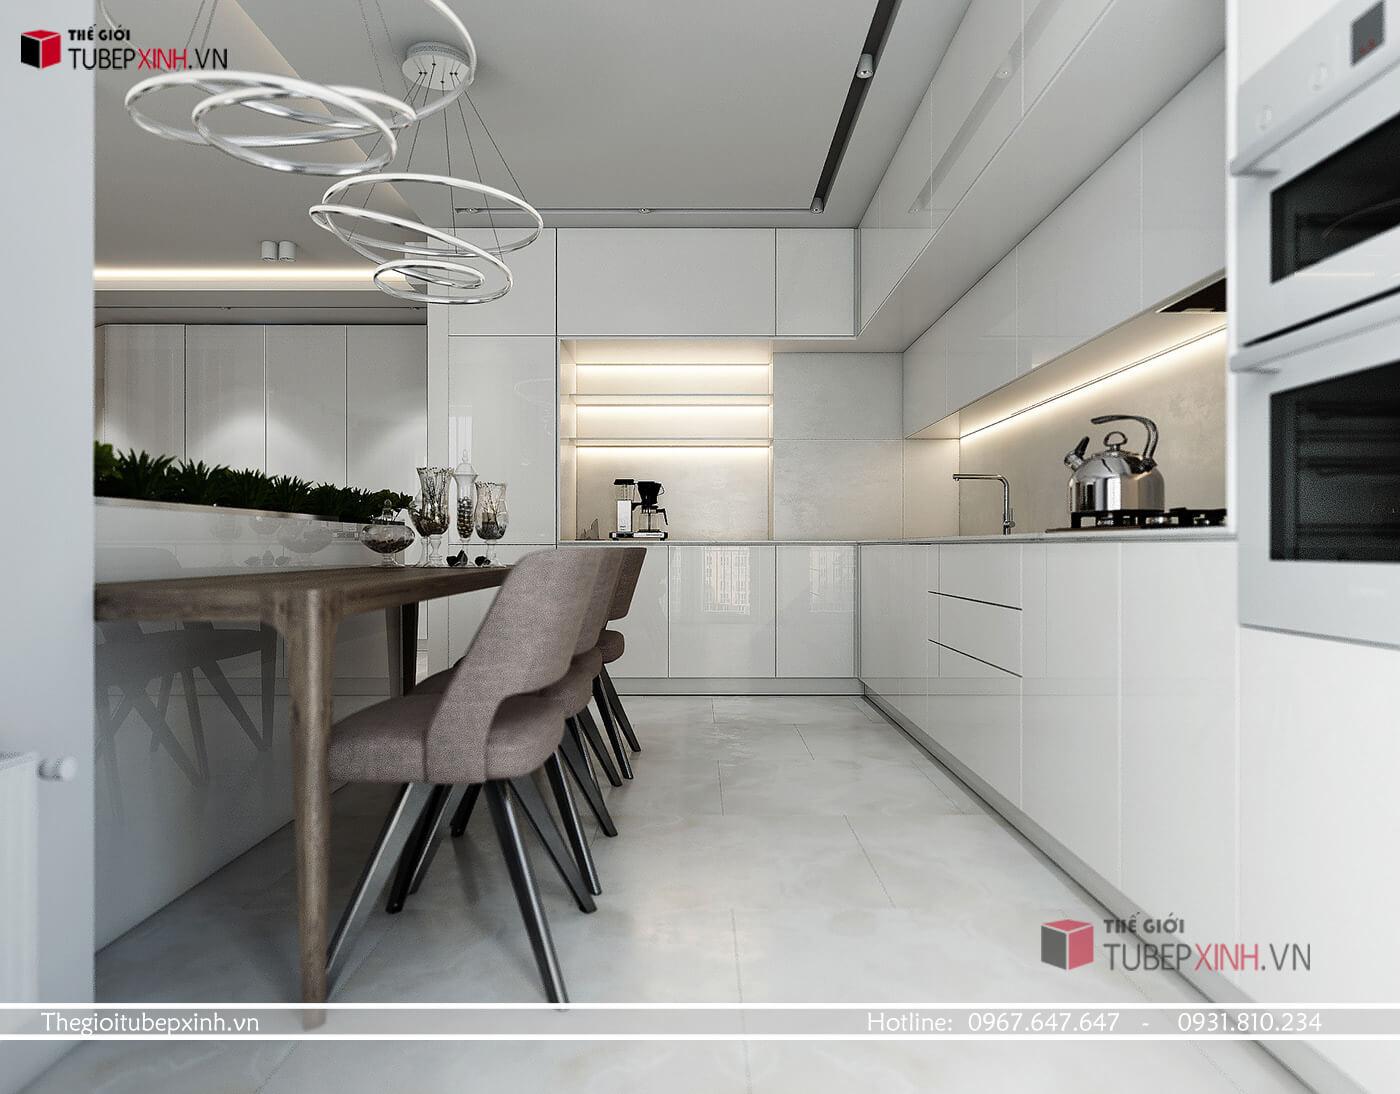 Mẫu thiết kế tủ bếp đẹp hiện đại